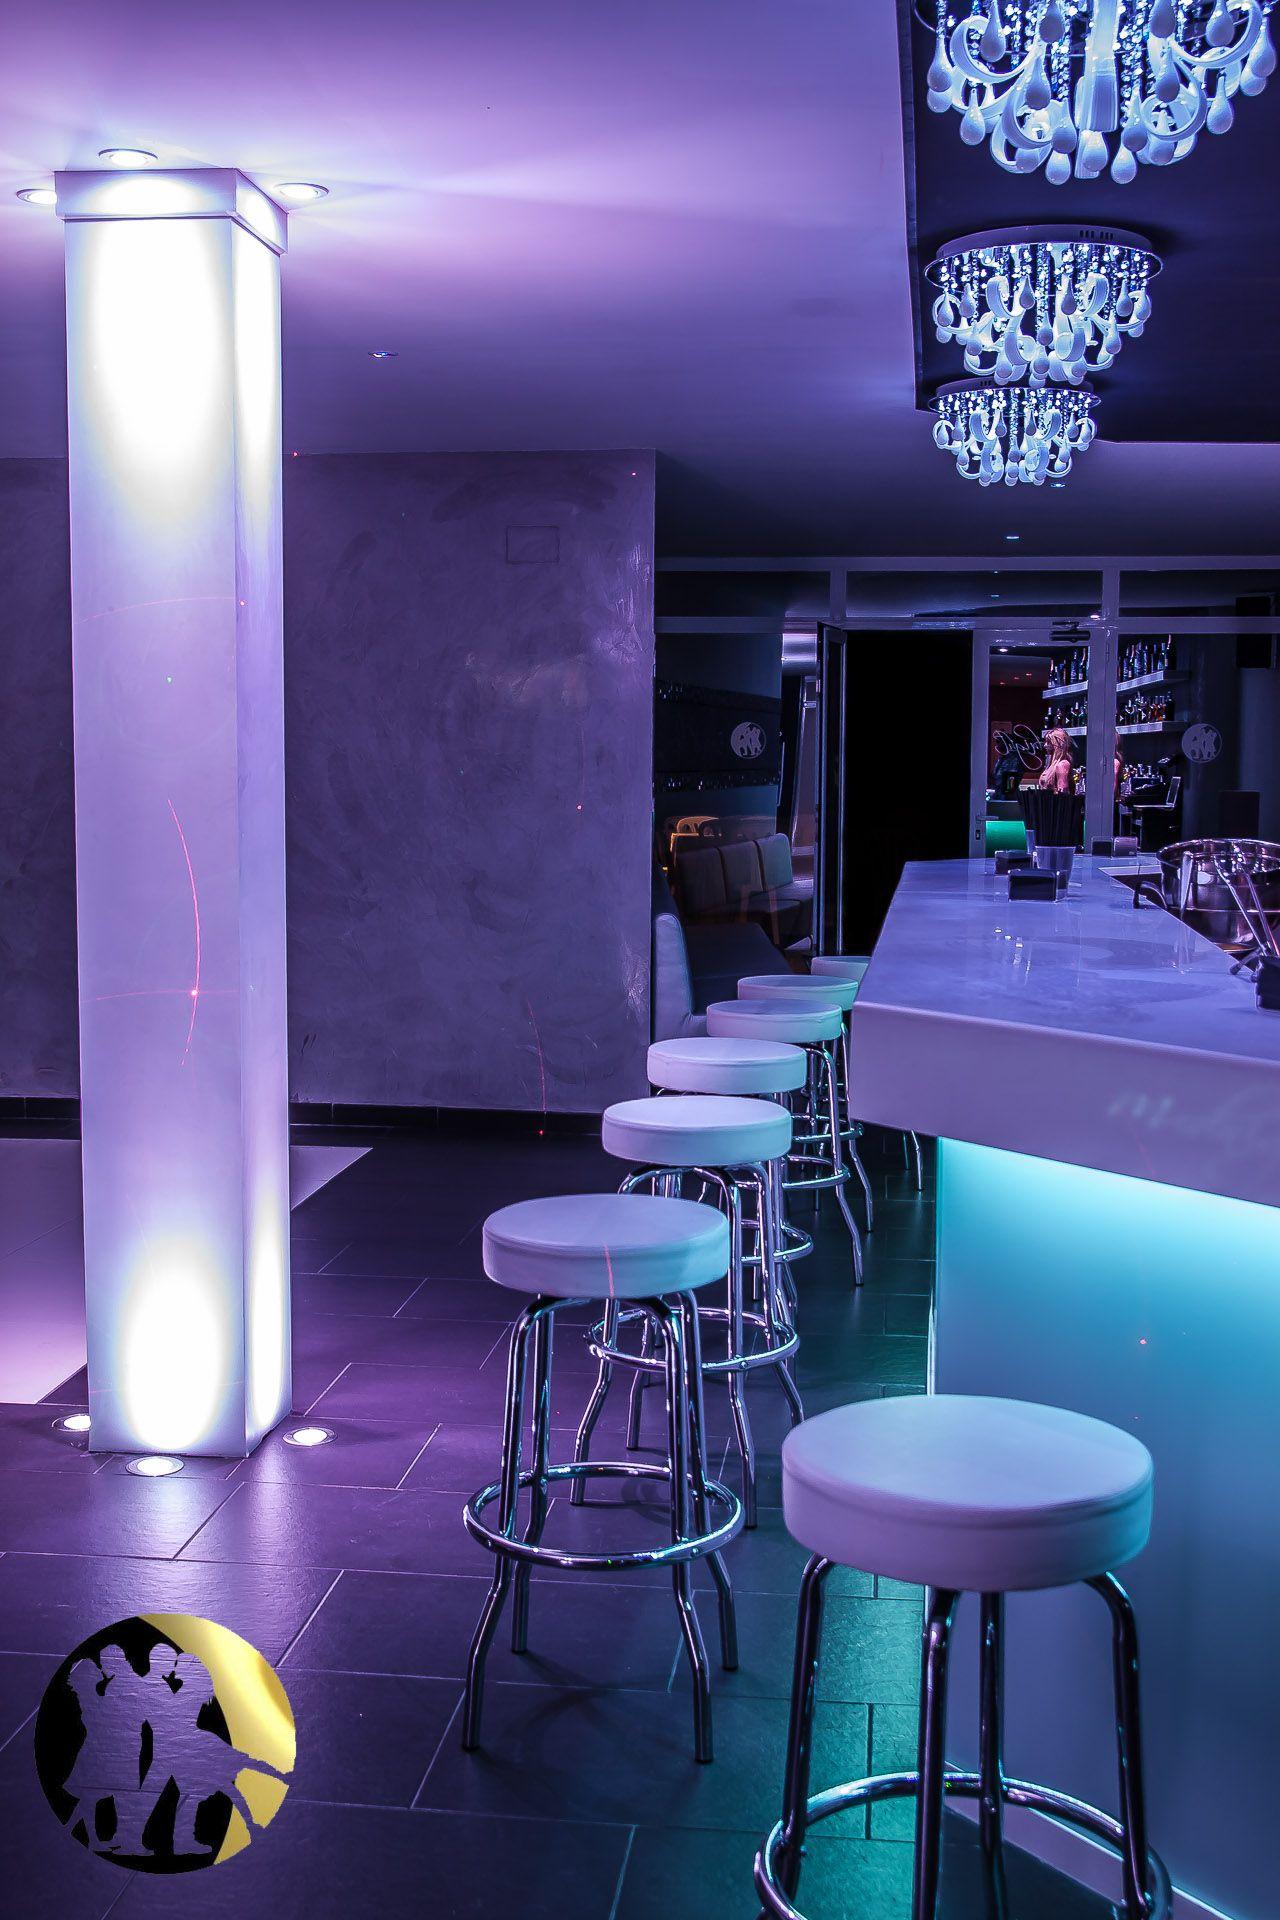 Jazz Lounge Home Designs on jazz 90s design, house design, jazz nightclub design, jazz rock design, bar design, jazz club design, restaurant design, microbrewery design, beer garden design, theater design,